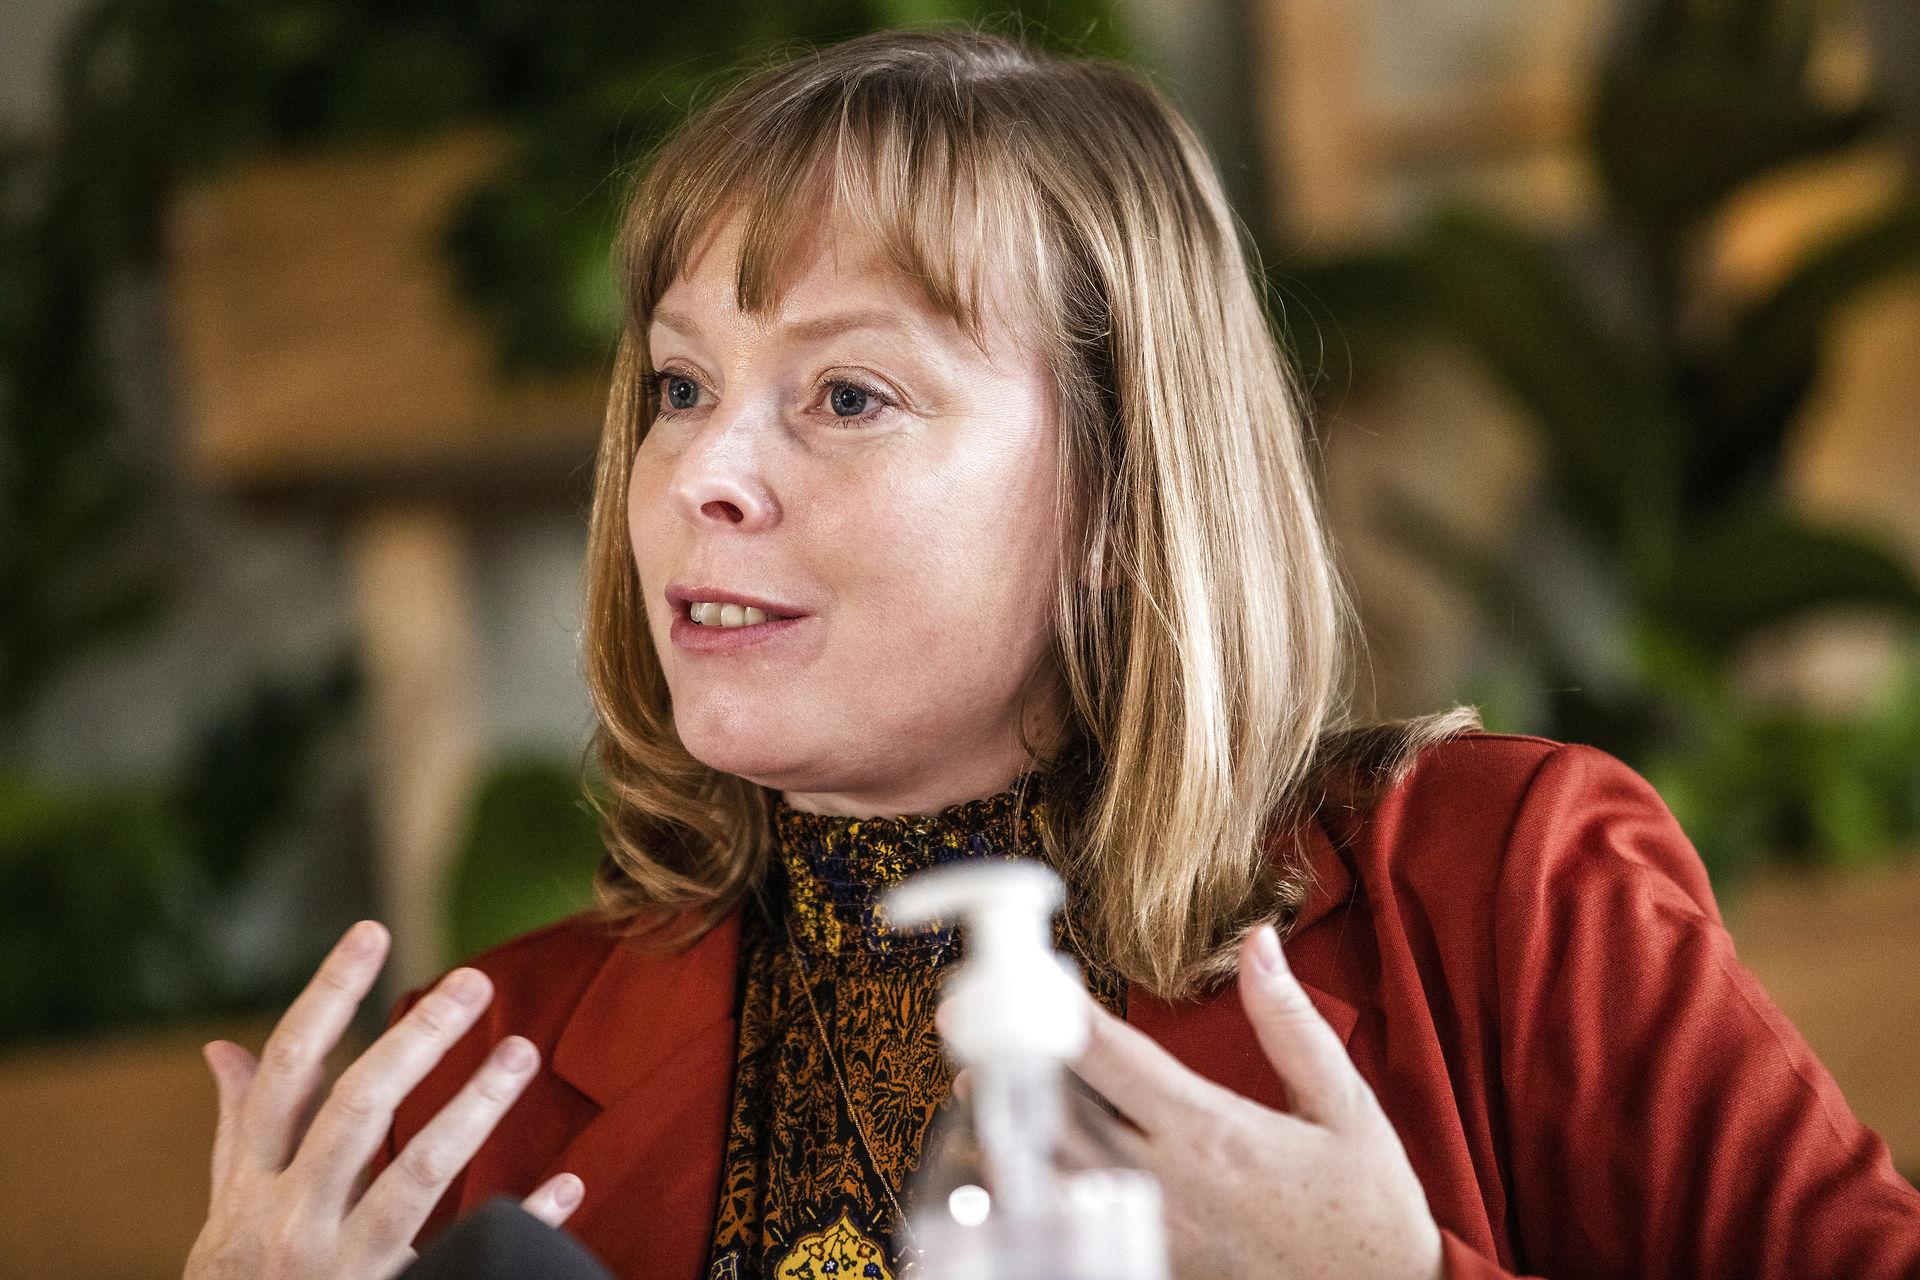 Kulturministeren vil se på hjælp til ugeaviser